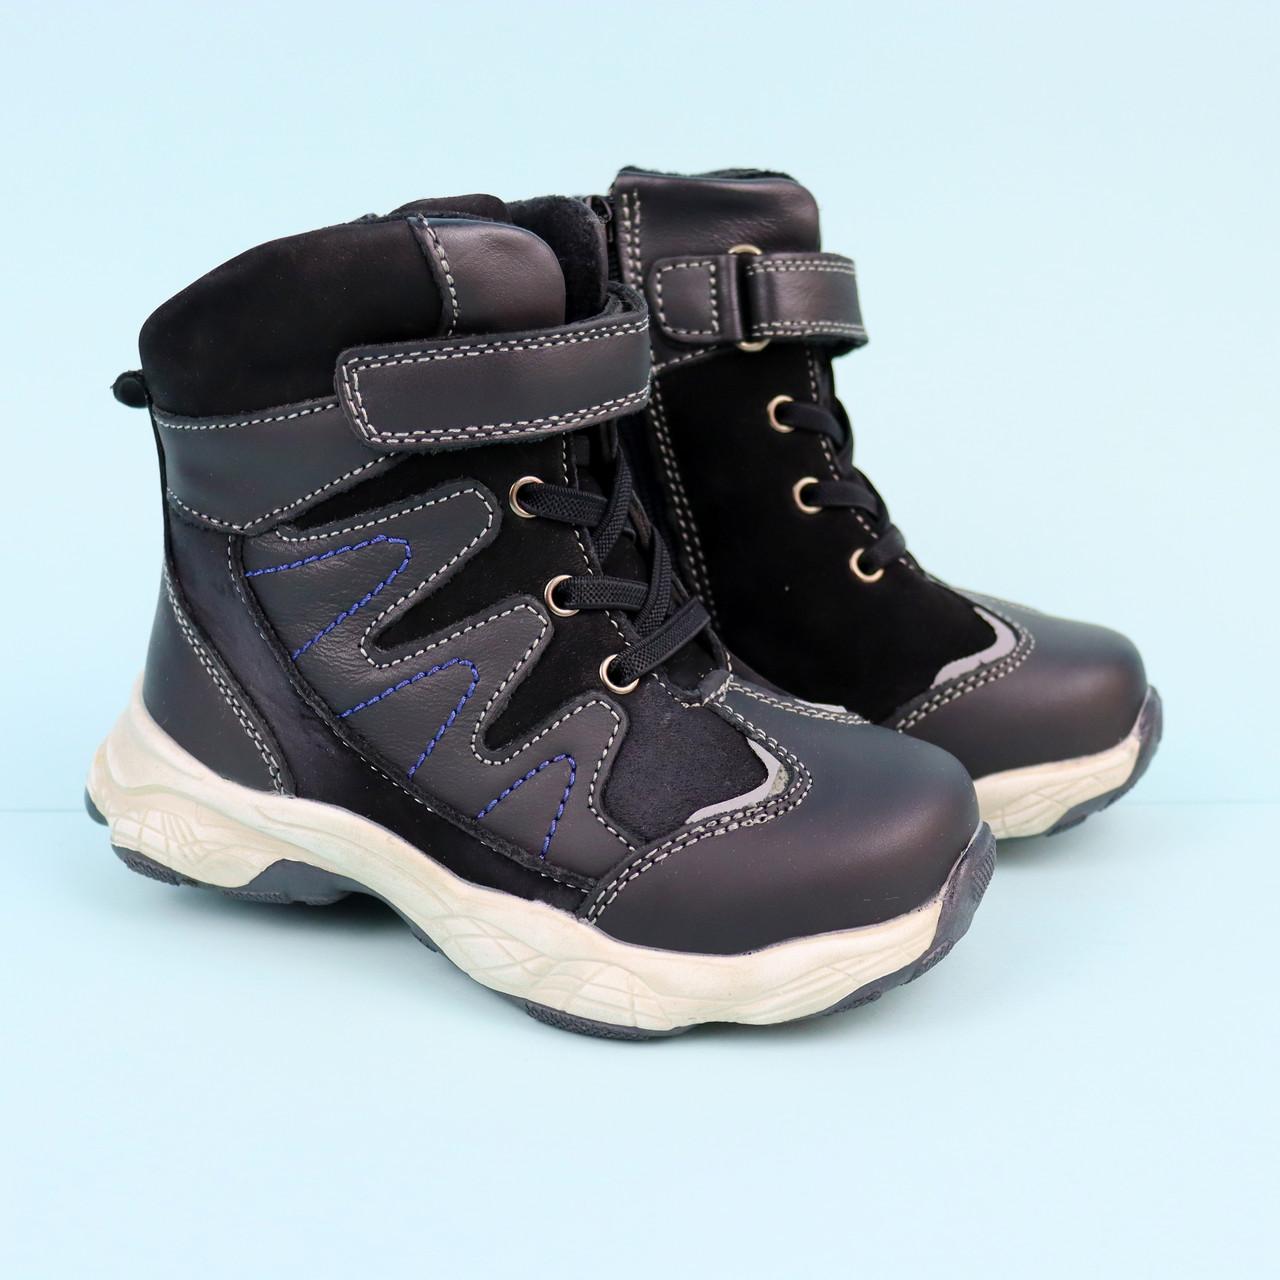 Кожанные черные зимние ботинки для мальчика тм BiKi размер 26,28,29